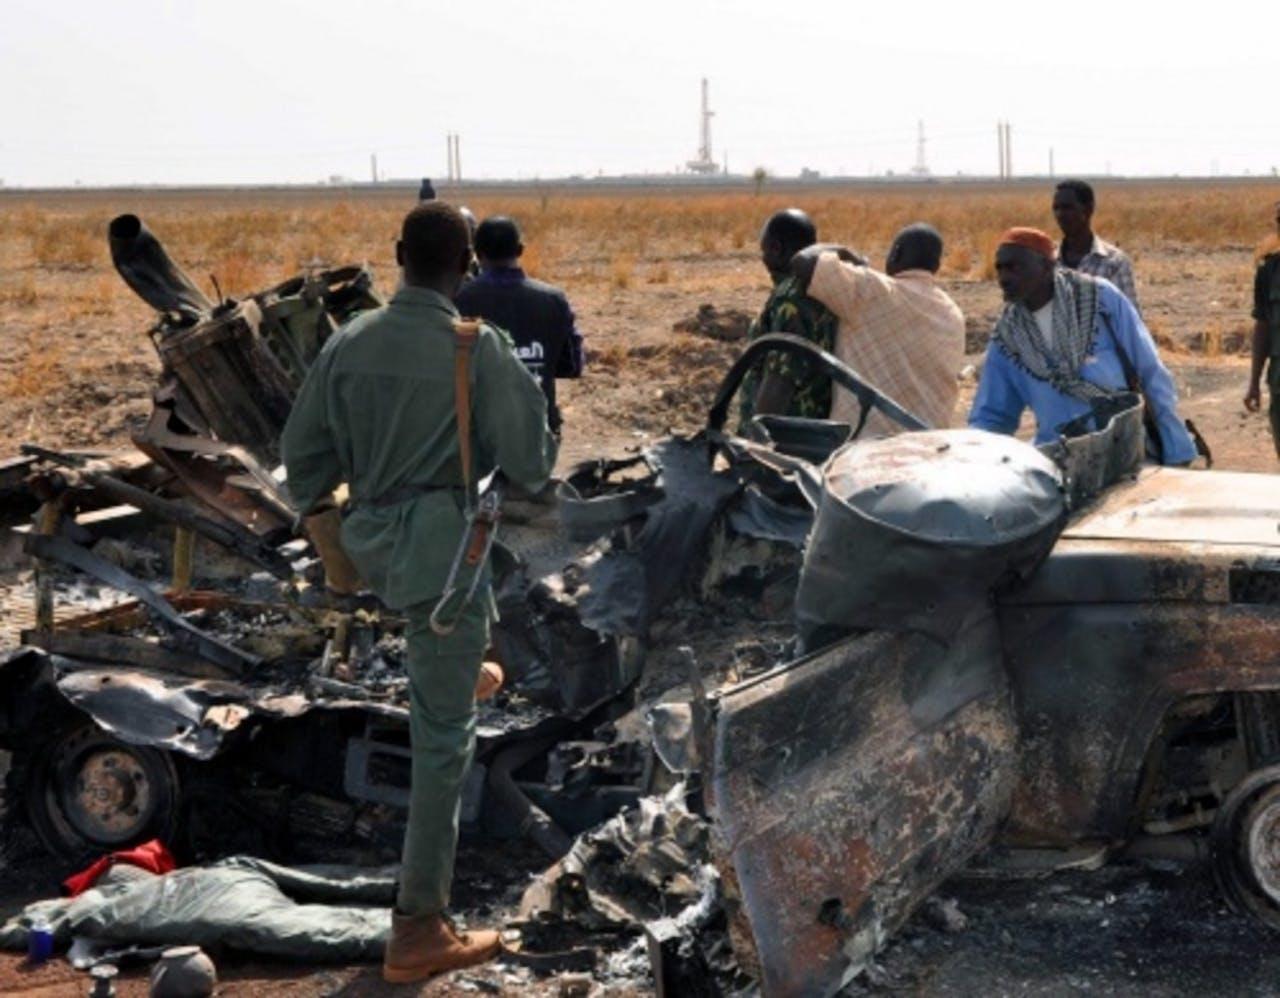 Een uitgebrande auto in Heglig (archieffoto, 28 maart 2012). EPA